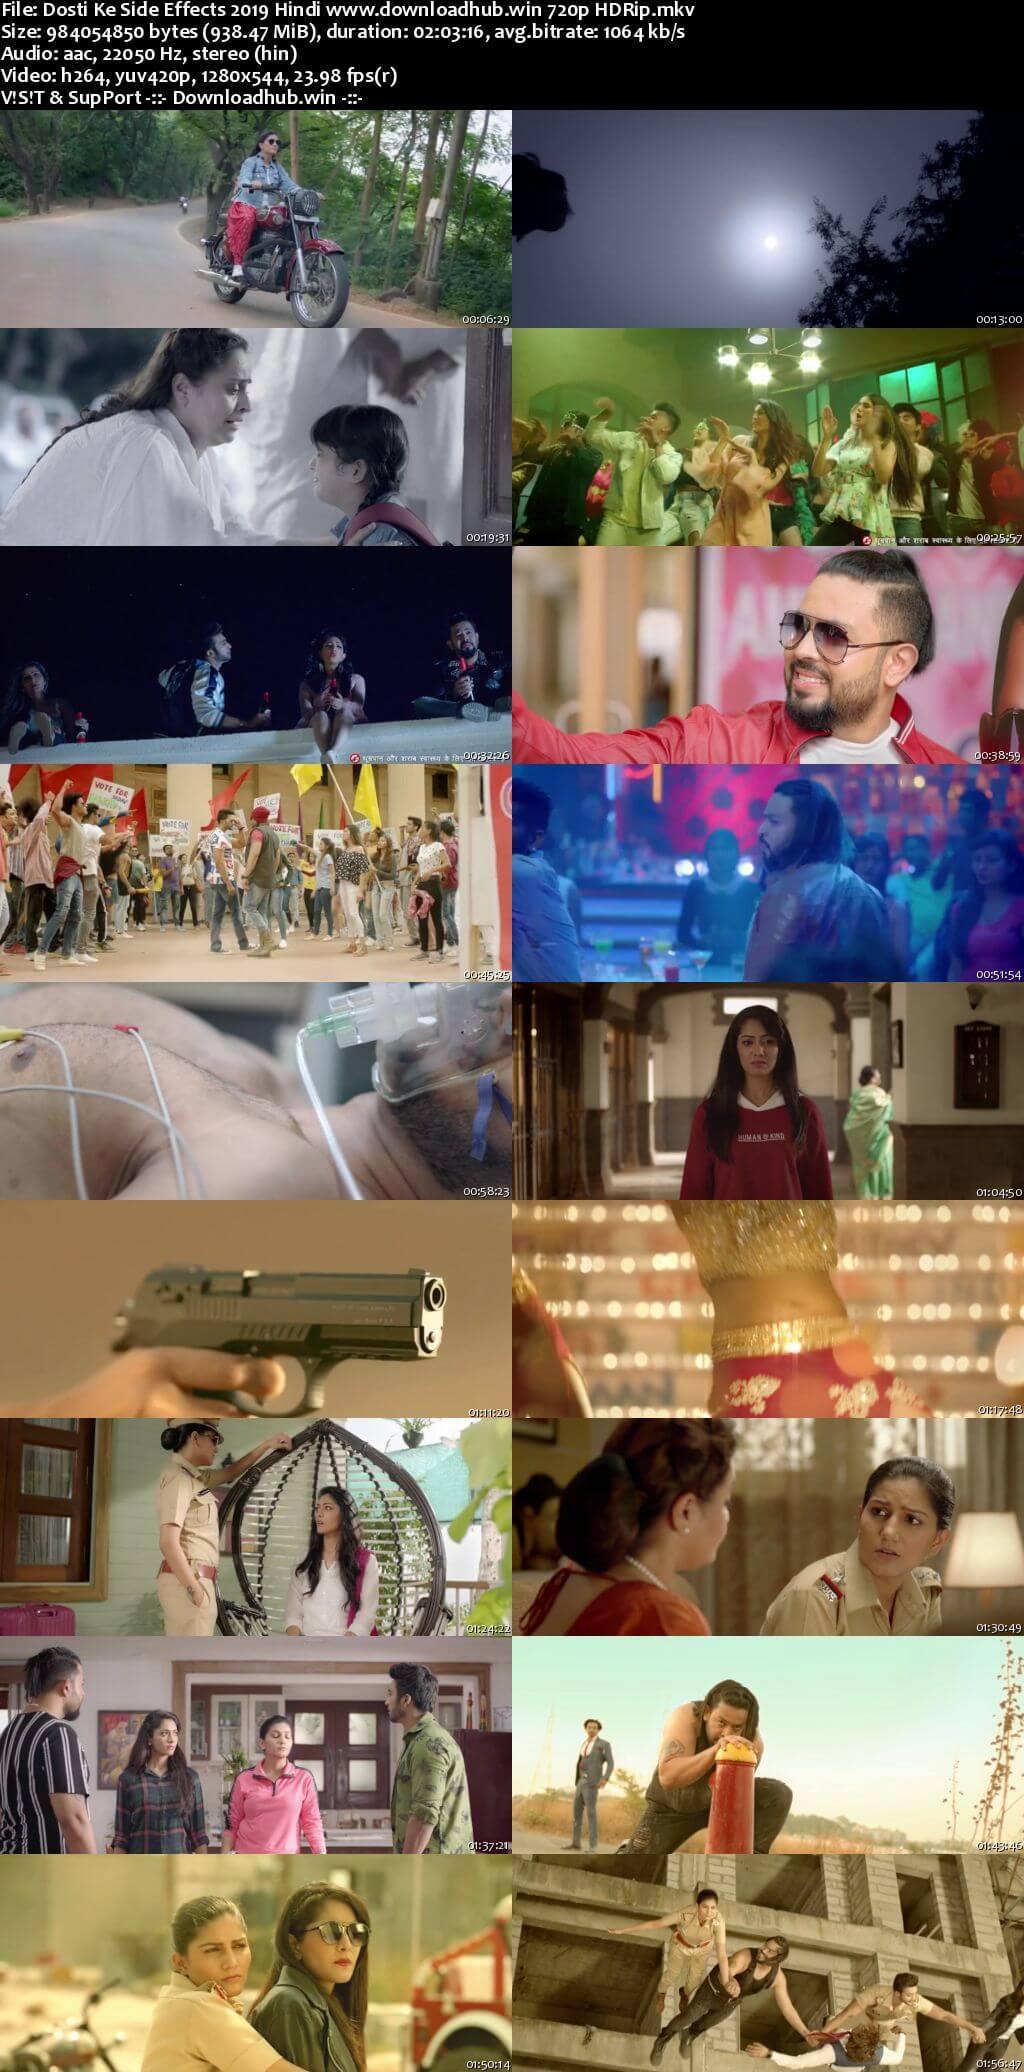 Dosti ke side effects 2019 Hindi 720p HDRip x264